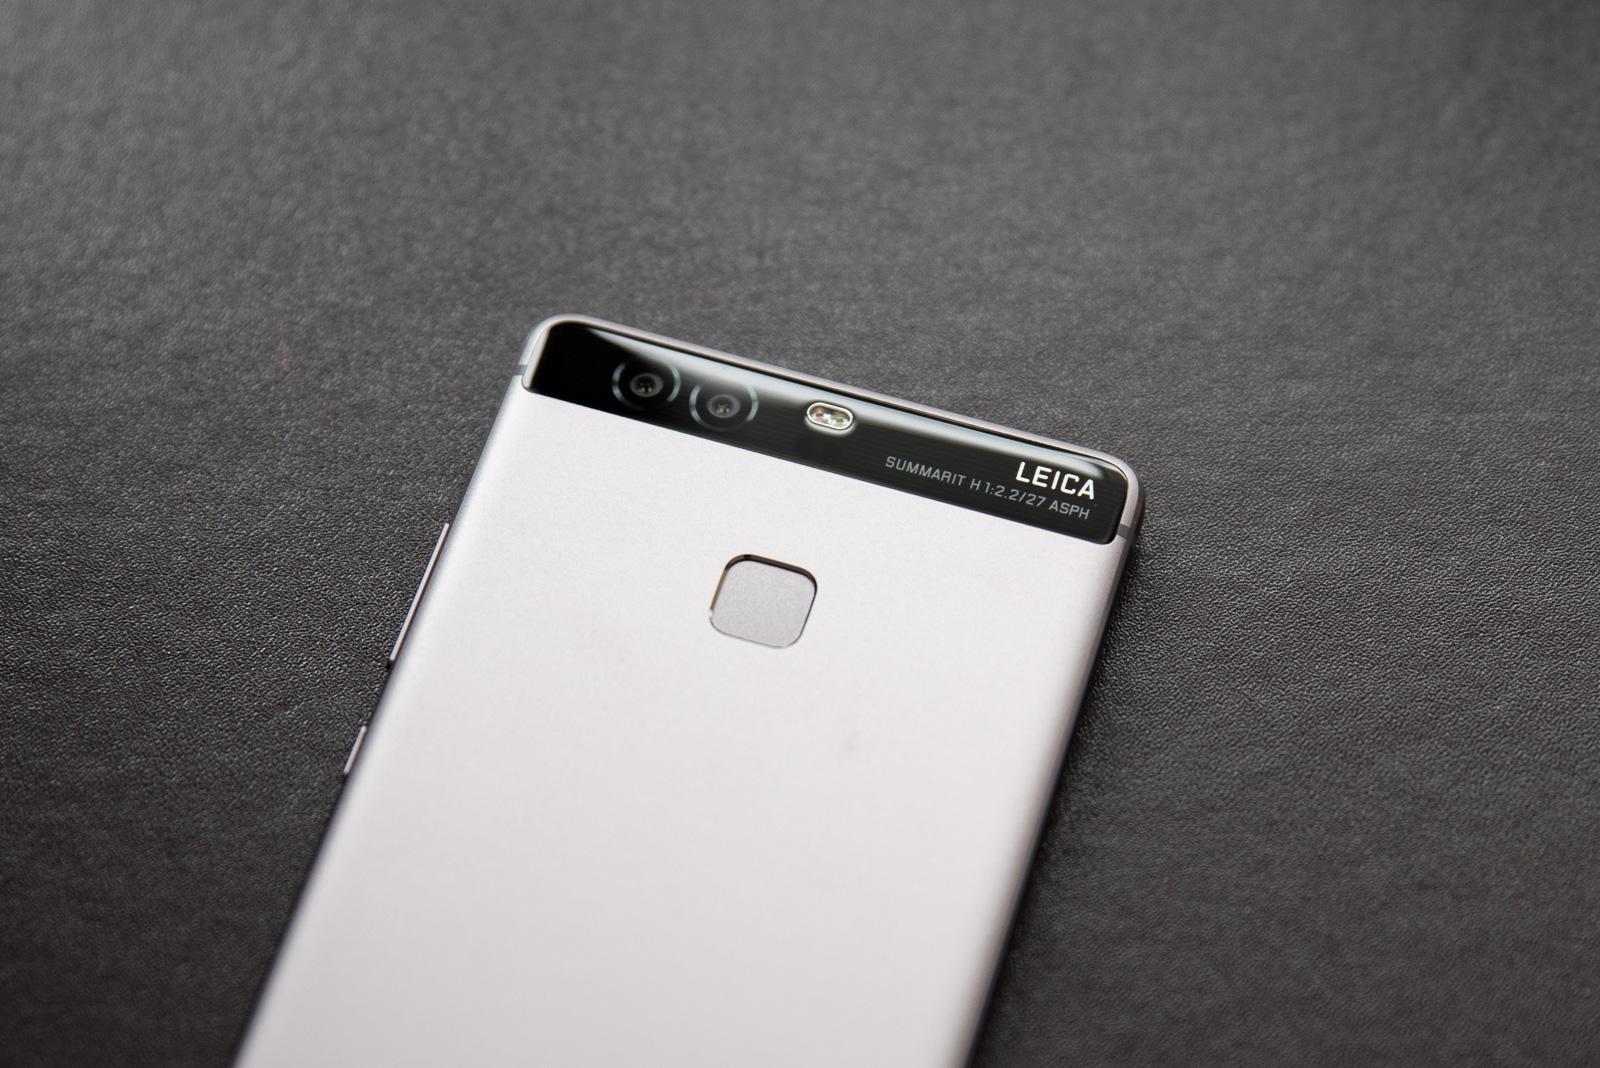 Aparaty Huawei będą jeszcze lepsze. Chińczycy zacieśniają współpracę z Leicą